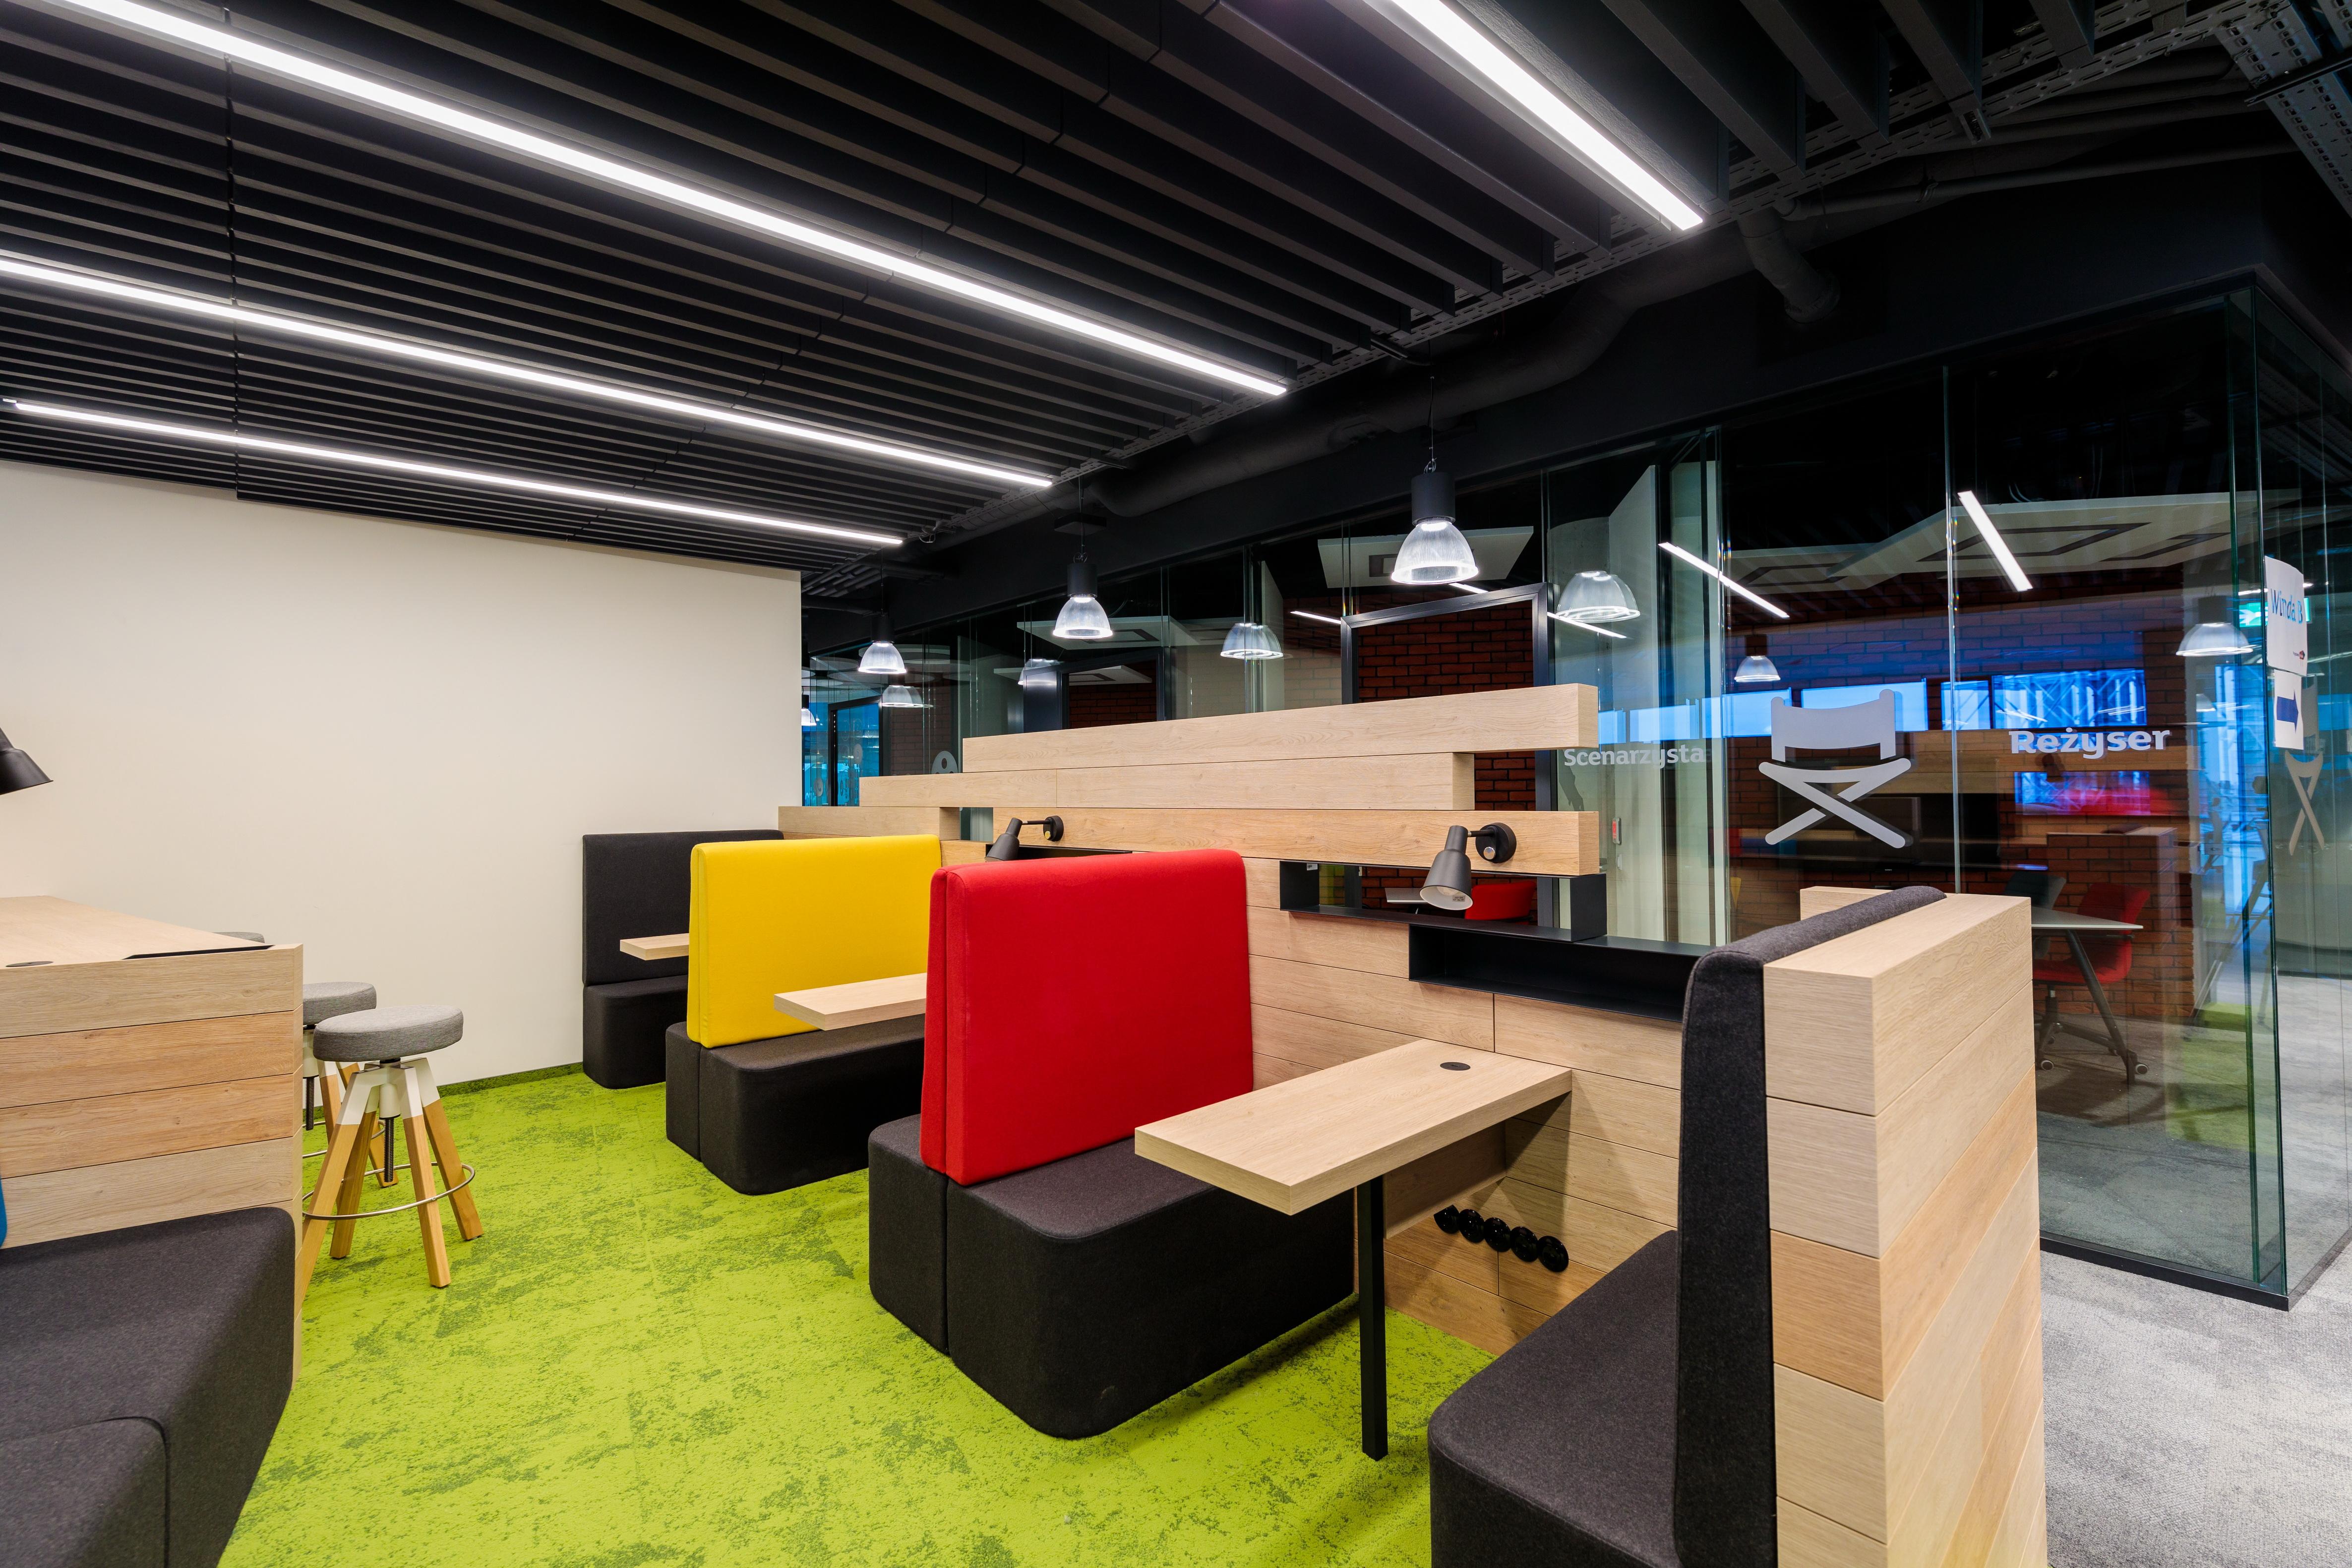 - Chcieliśmy, aby jak najwięcej punktów było wspólnych – mamy duże i przestrzenne kuchnie na każdym piętrze, wspólną kawiarnię czy strefę relaksu - mówi Paulina Rutkowska. (Fot. mat. pras.)